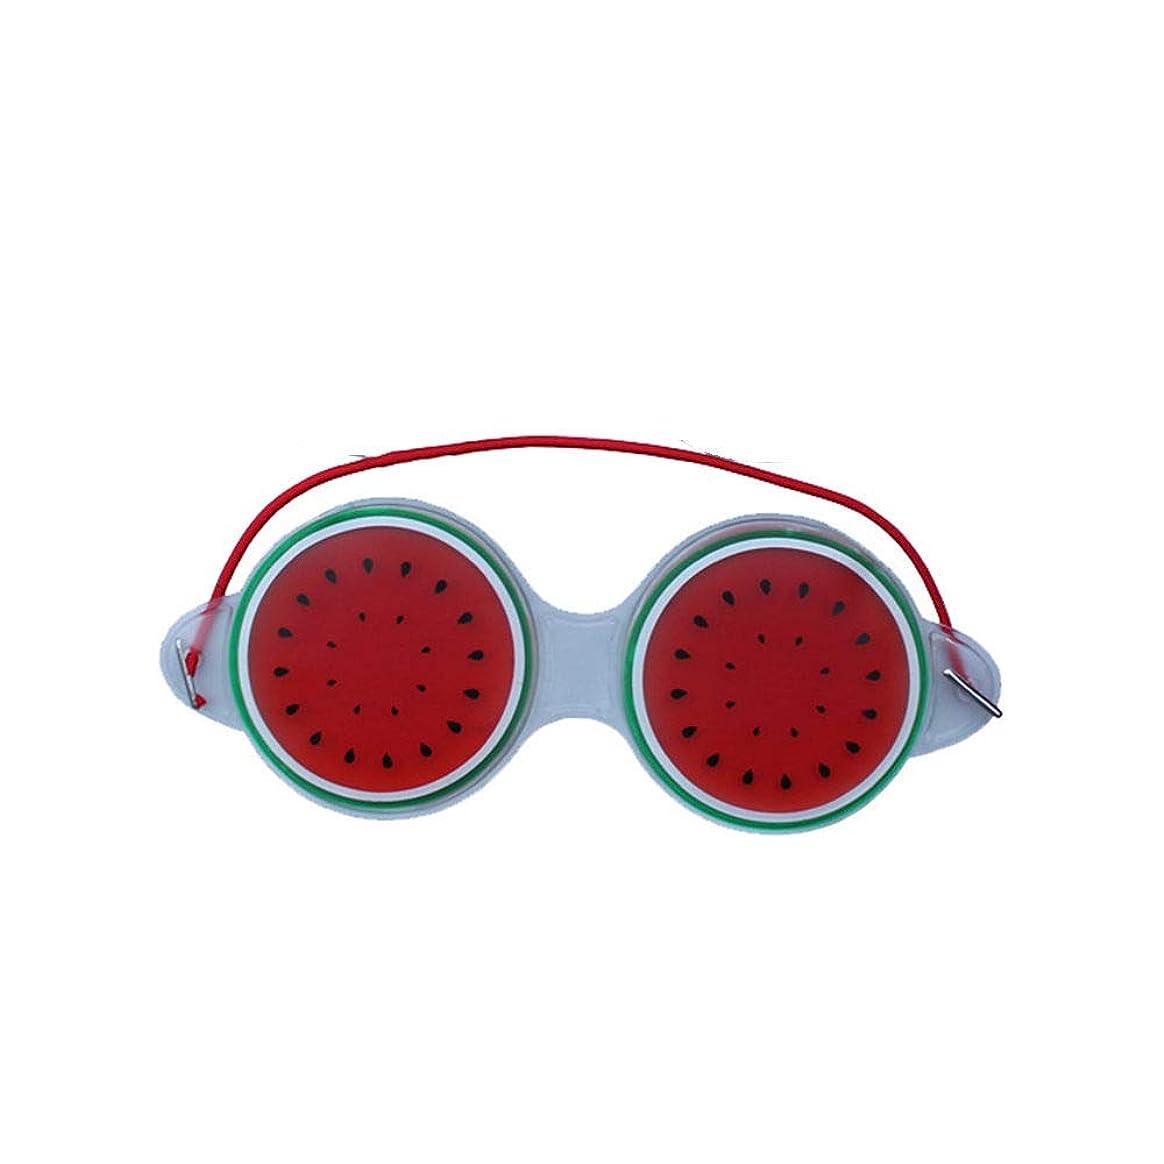 無駄に顎信じられないNOTE ジェルアイマスク睡眠よく圧縮かわいいフルーツジェル疲労緩和冷却アイケアリラクゼーションシールドアイケアツール